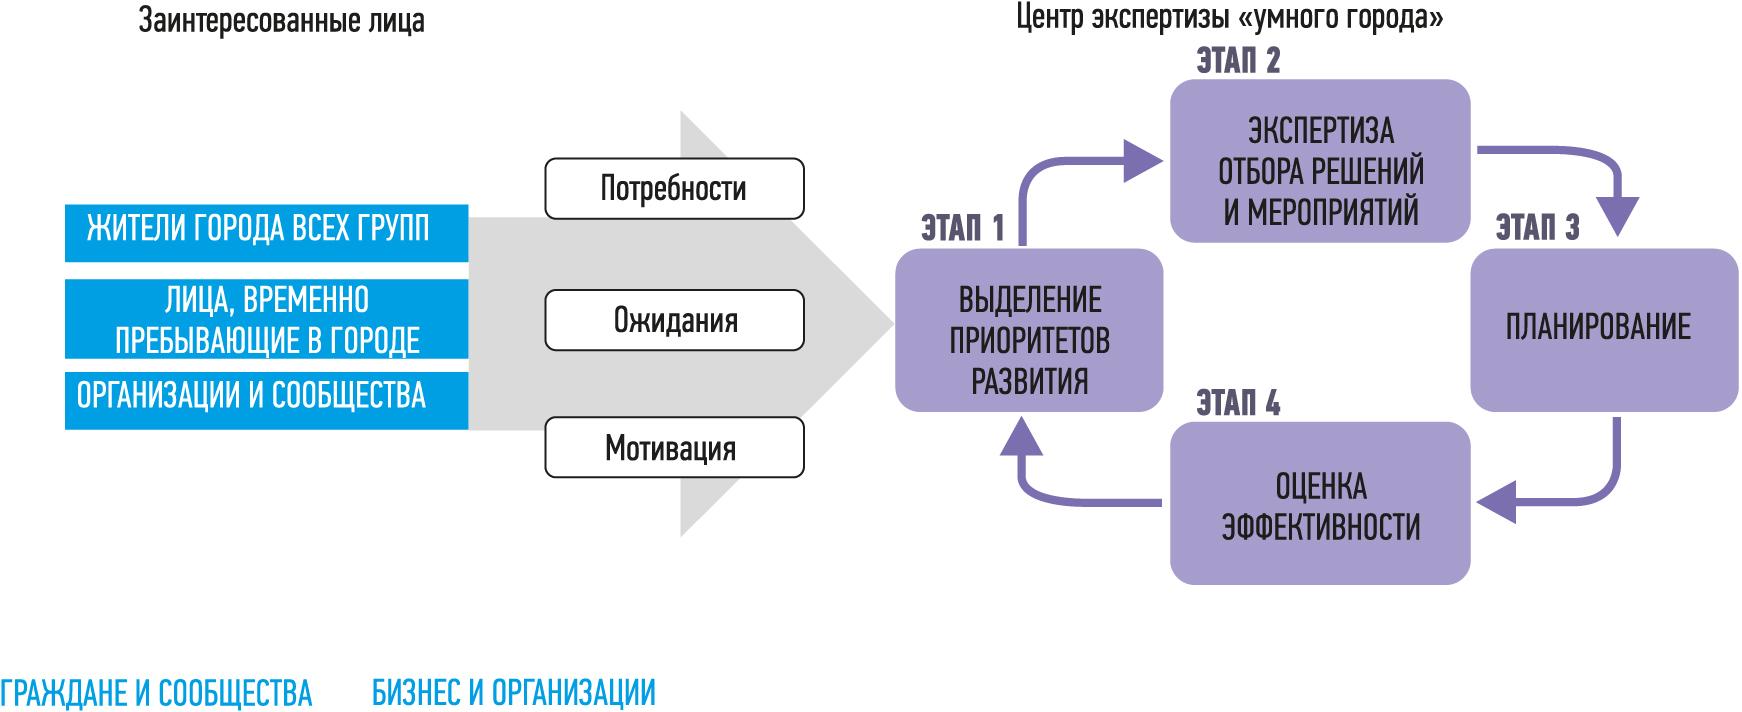 Порядок внедрения решений «умного города» в Санкт-Петербурге